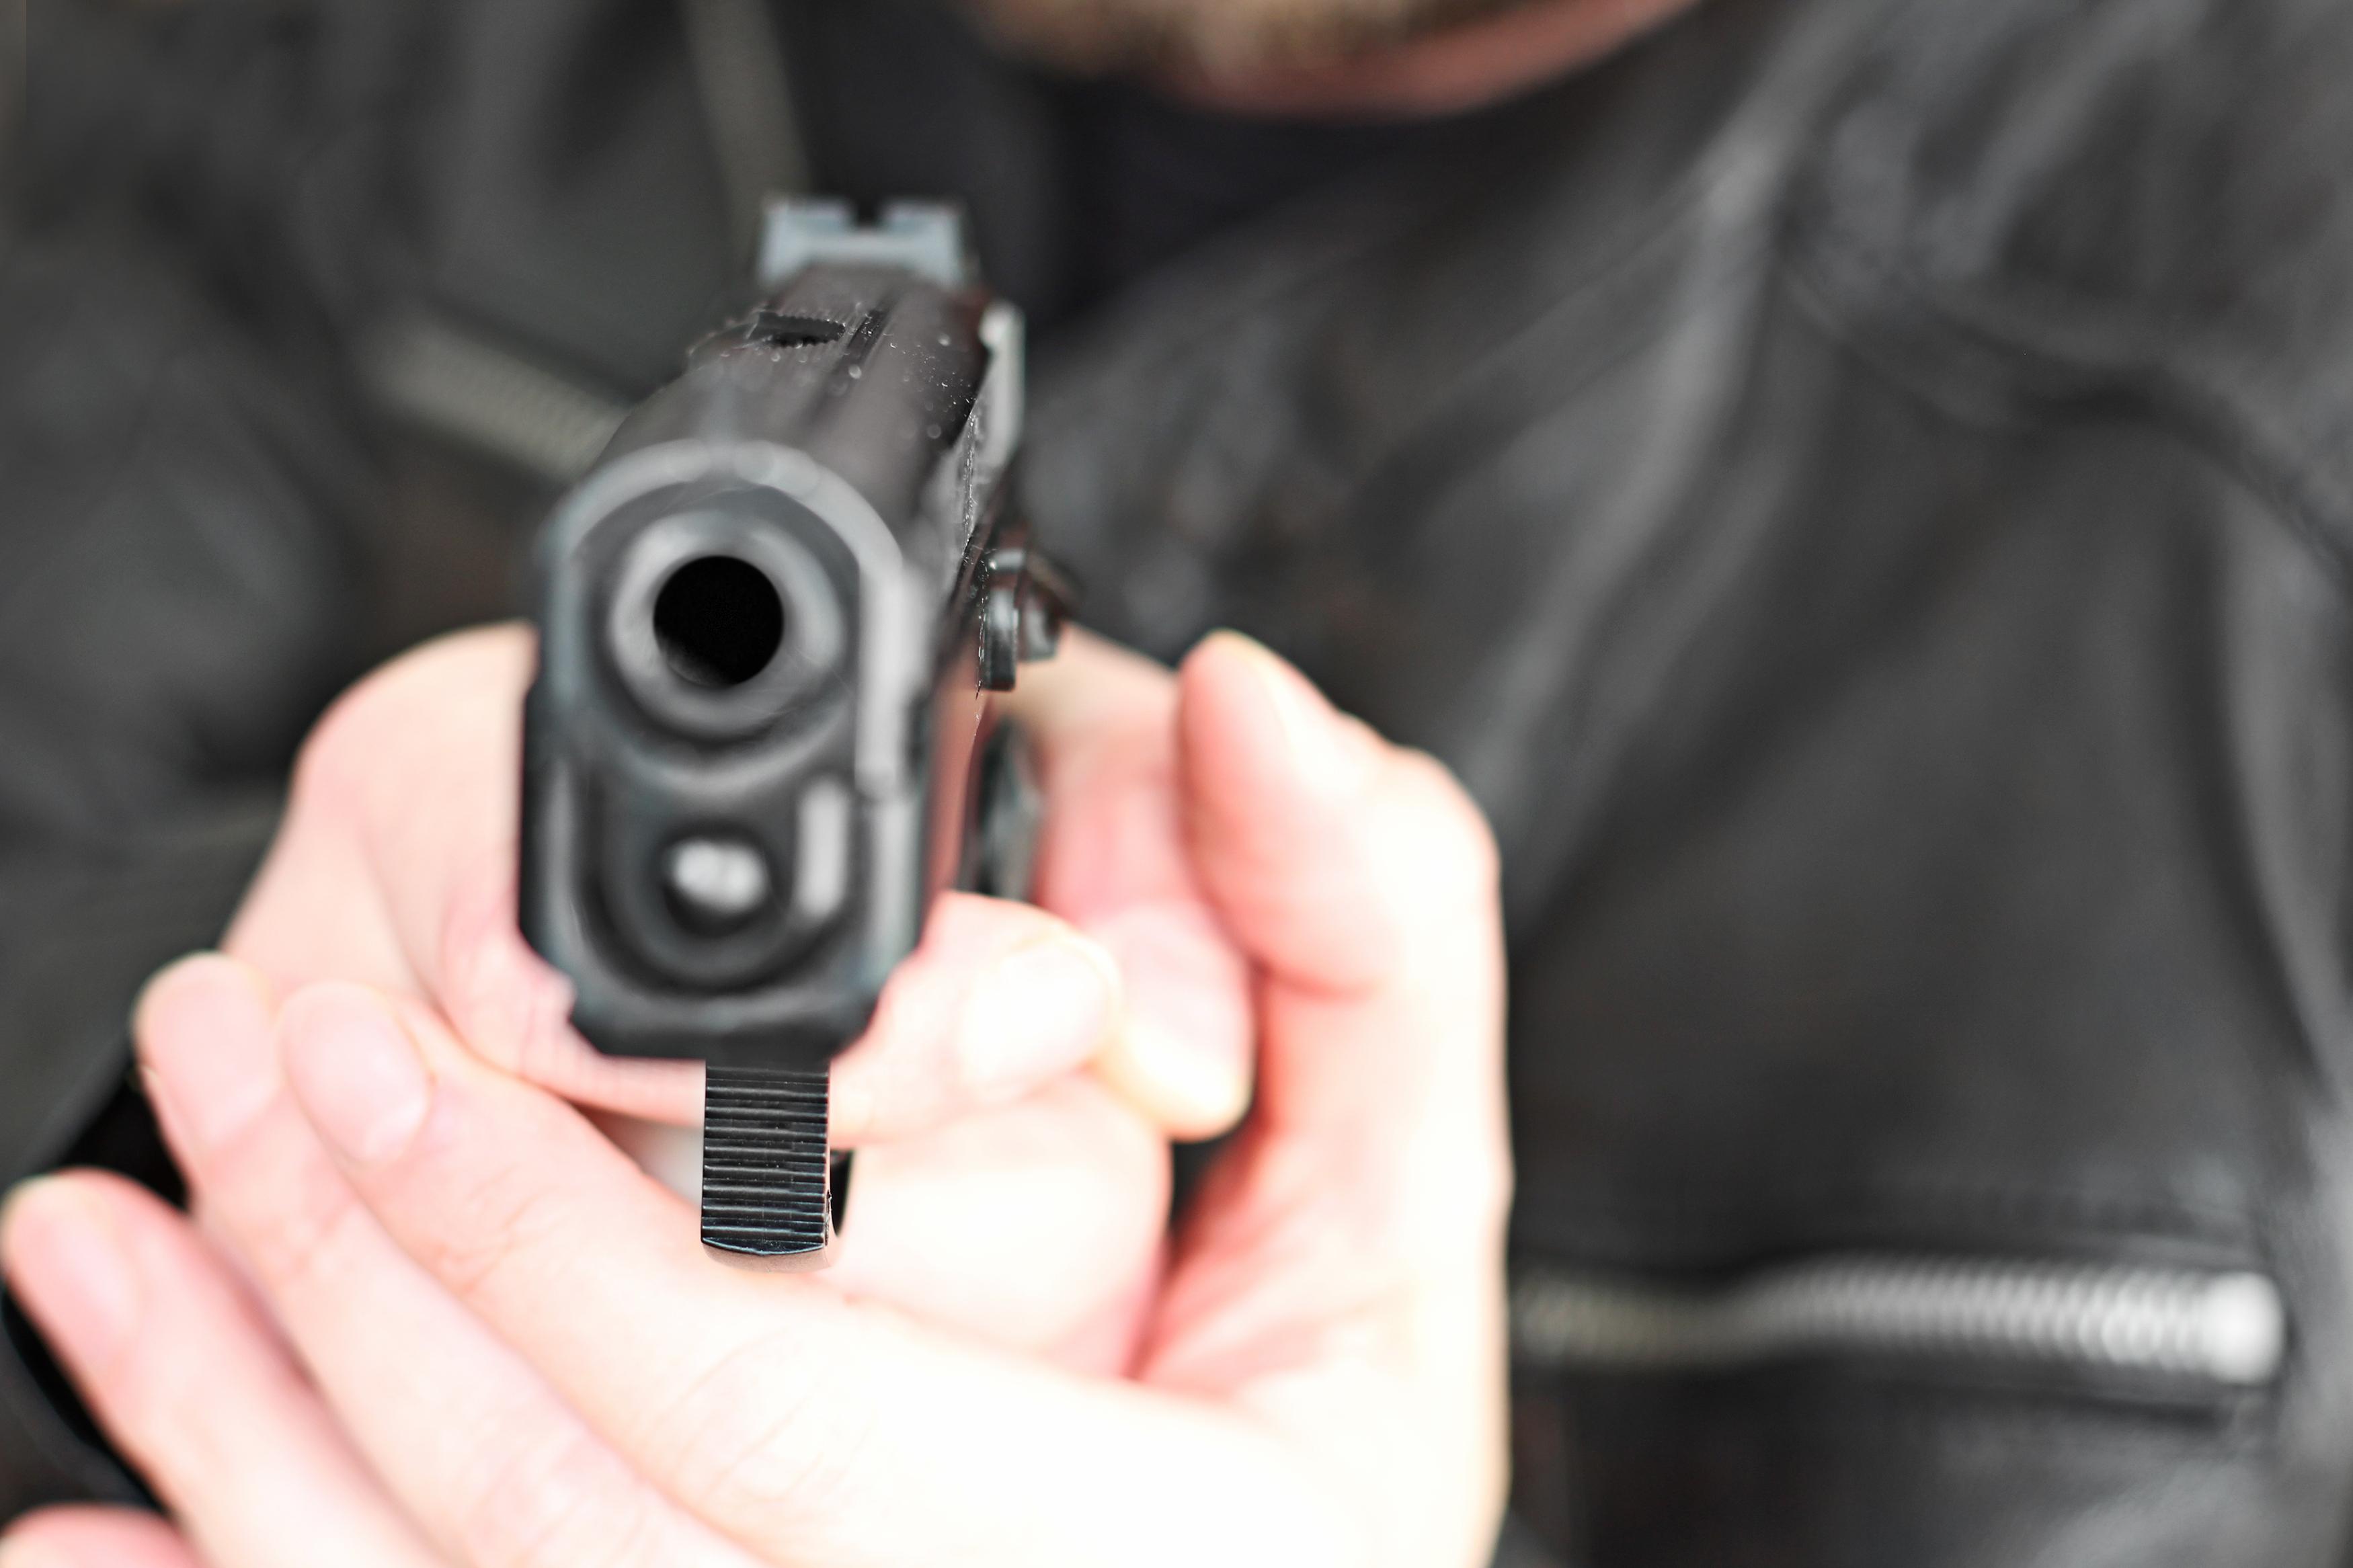 Un polițist din Neamț a tras 16 focuri de armă pentru a opri mai mulți hoți violenți. Niciunul nu a nimerit pe cineva